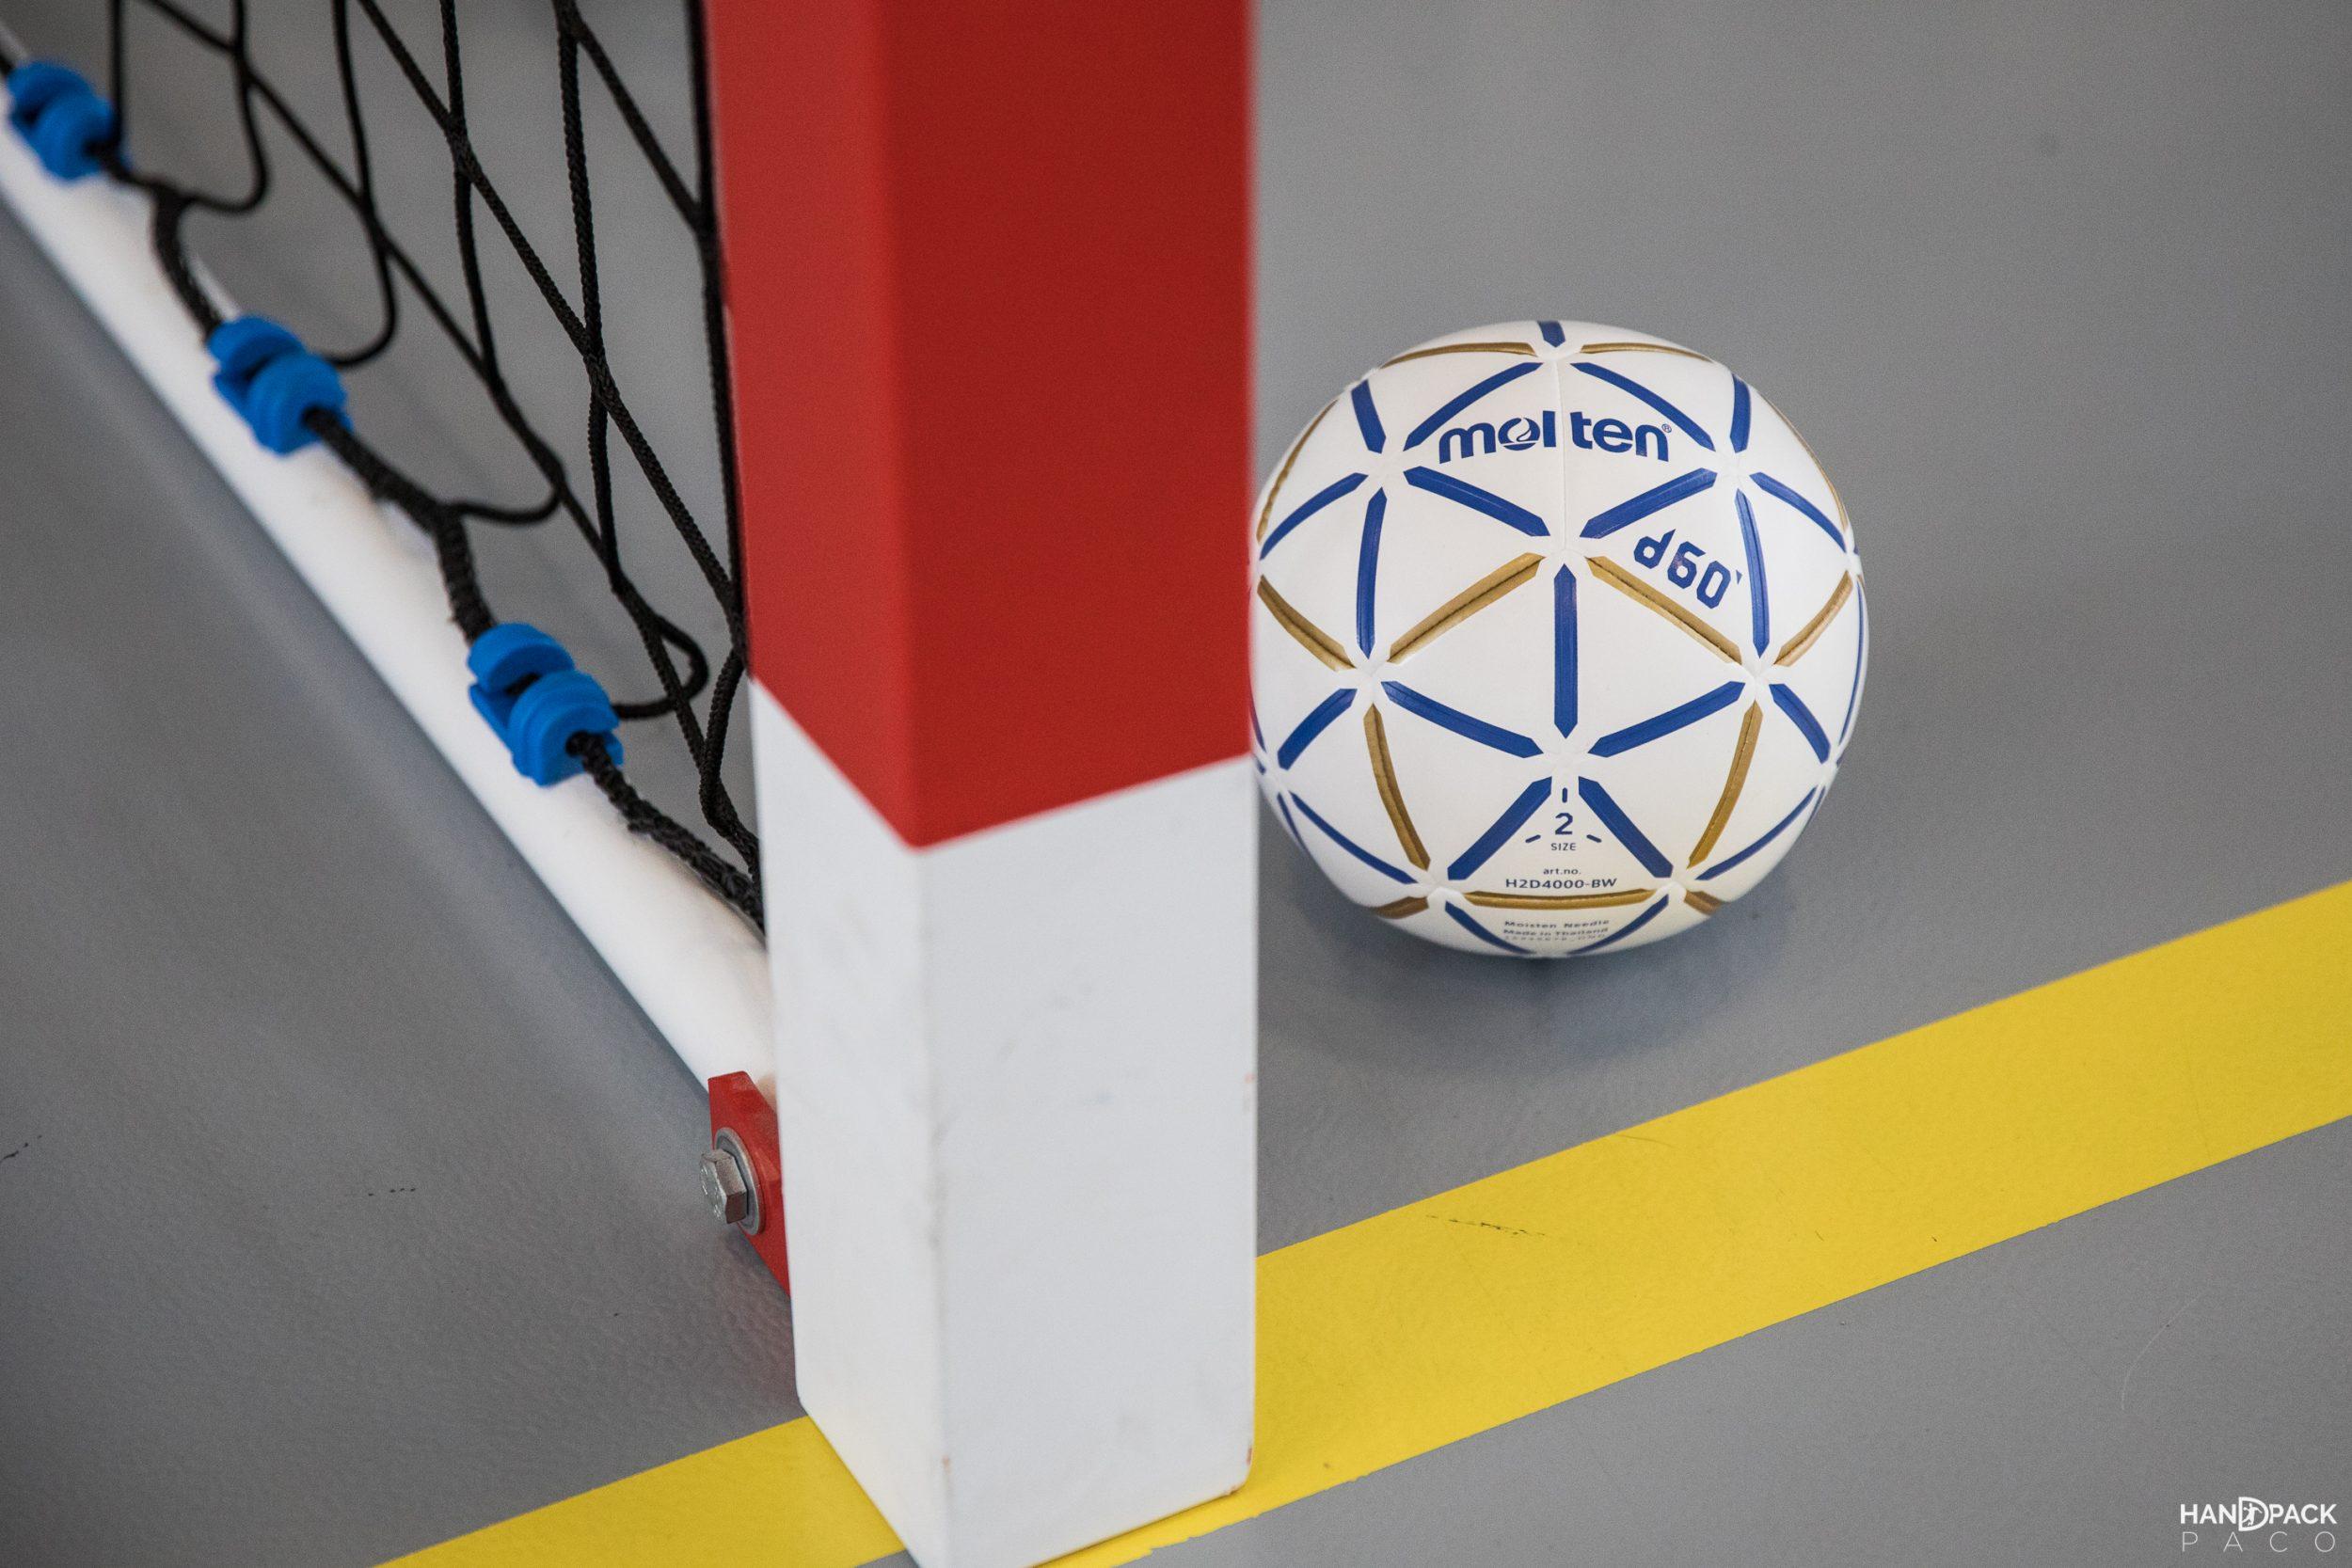 ballon-hand-sans-colle-molten-d60-18